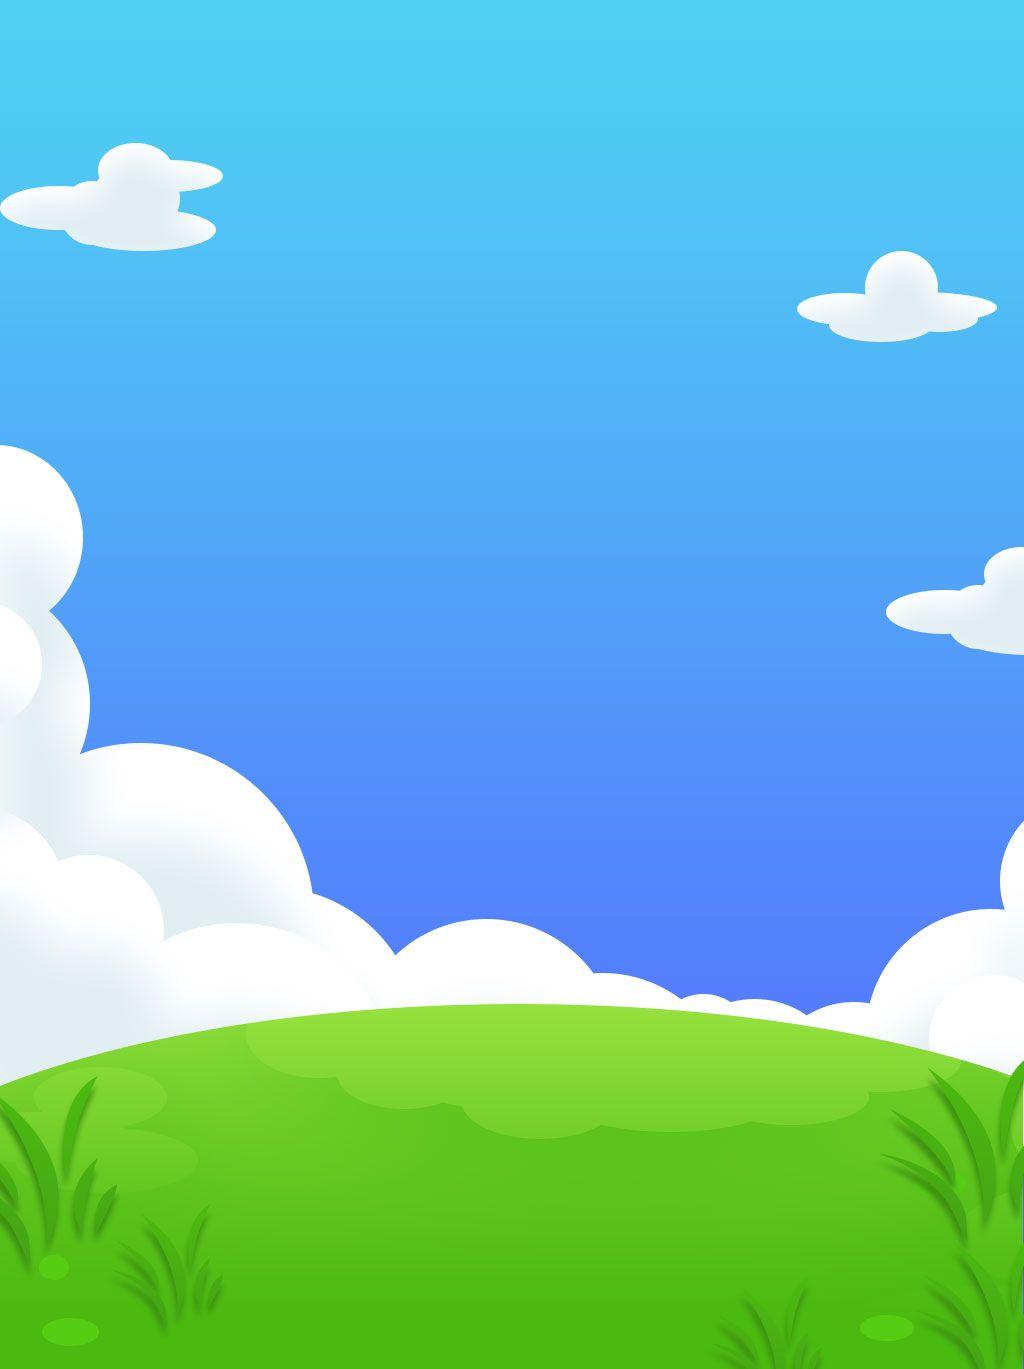 Gambar Latar Belakang Awan Biru Putih Penuh   Background Pictures, Blue  Backgrounds, White Clouds